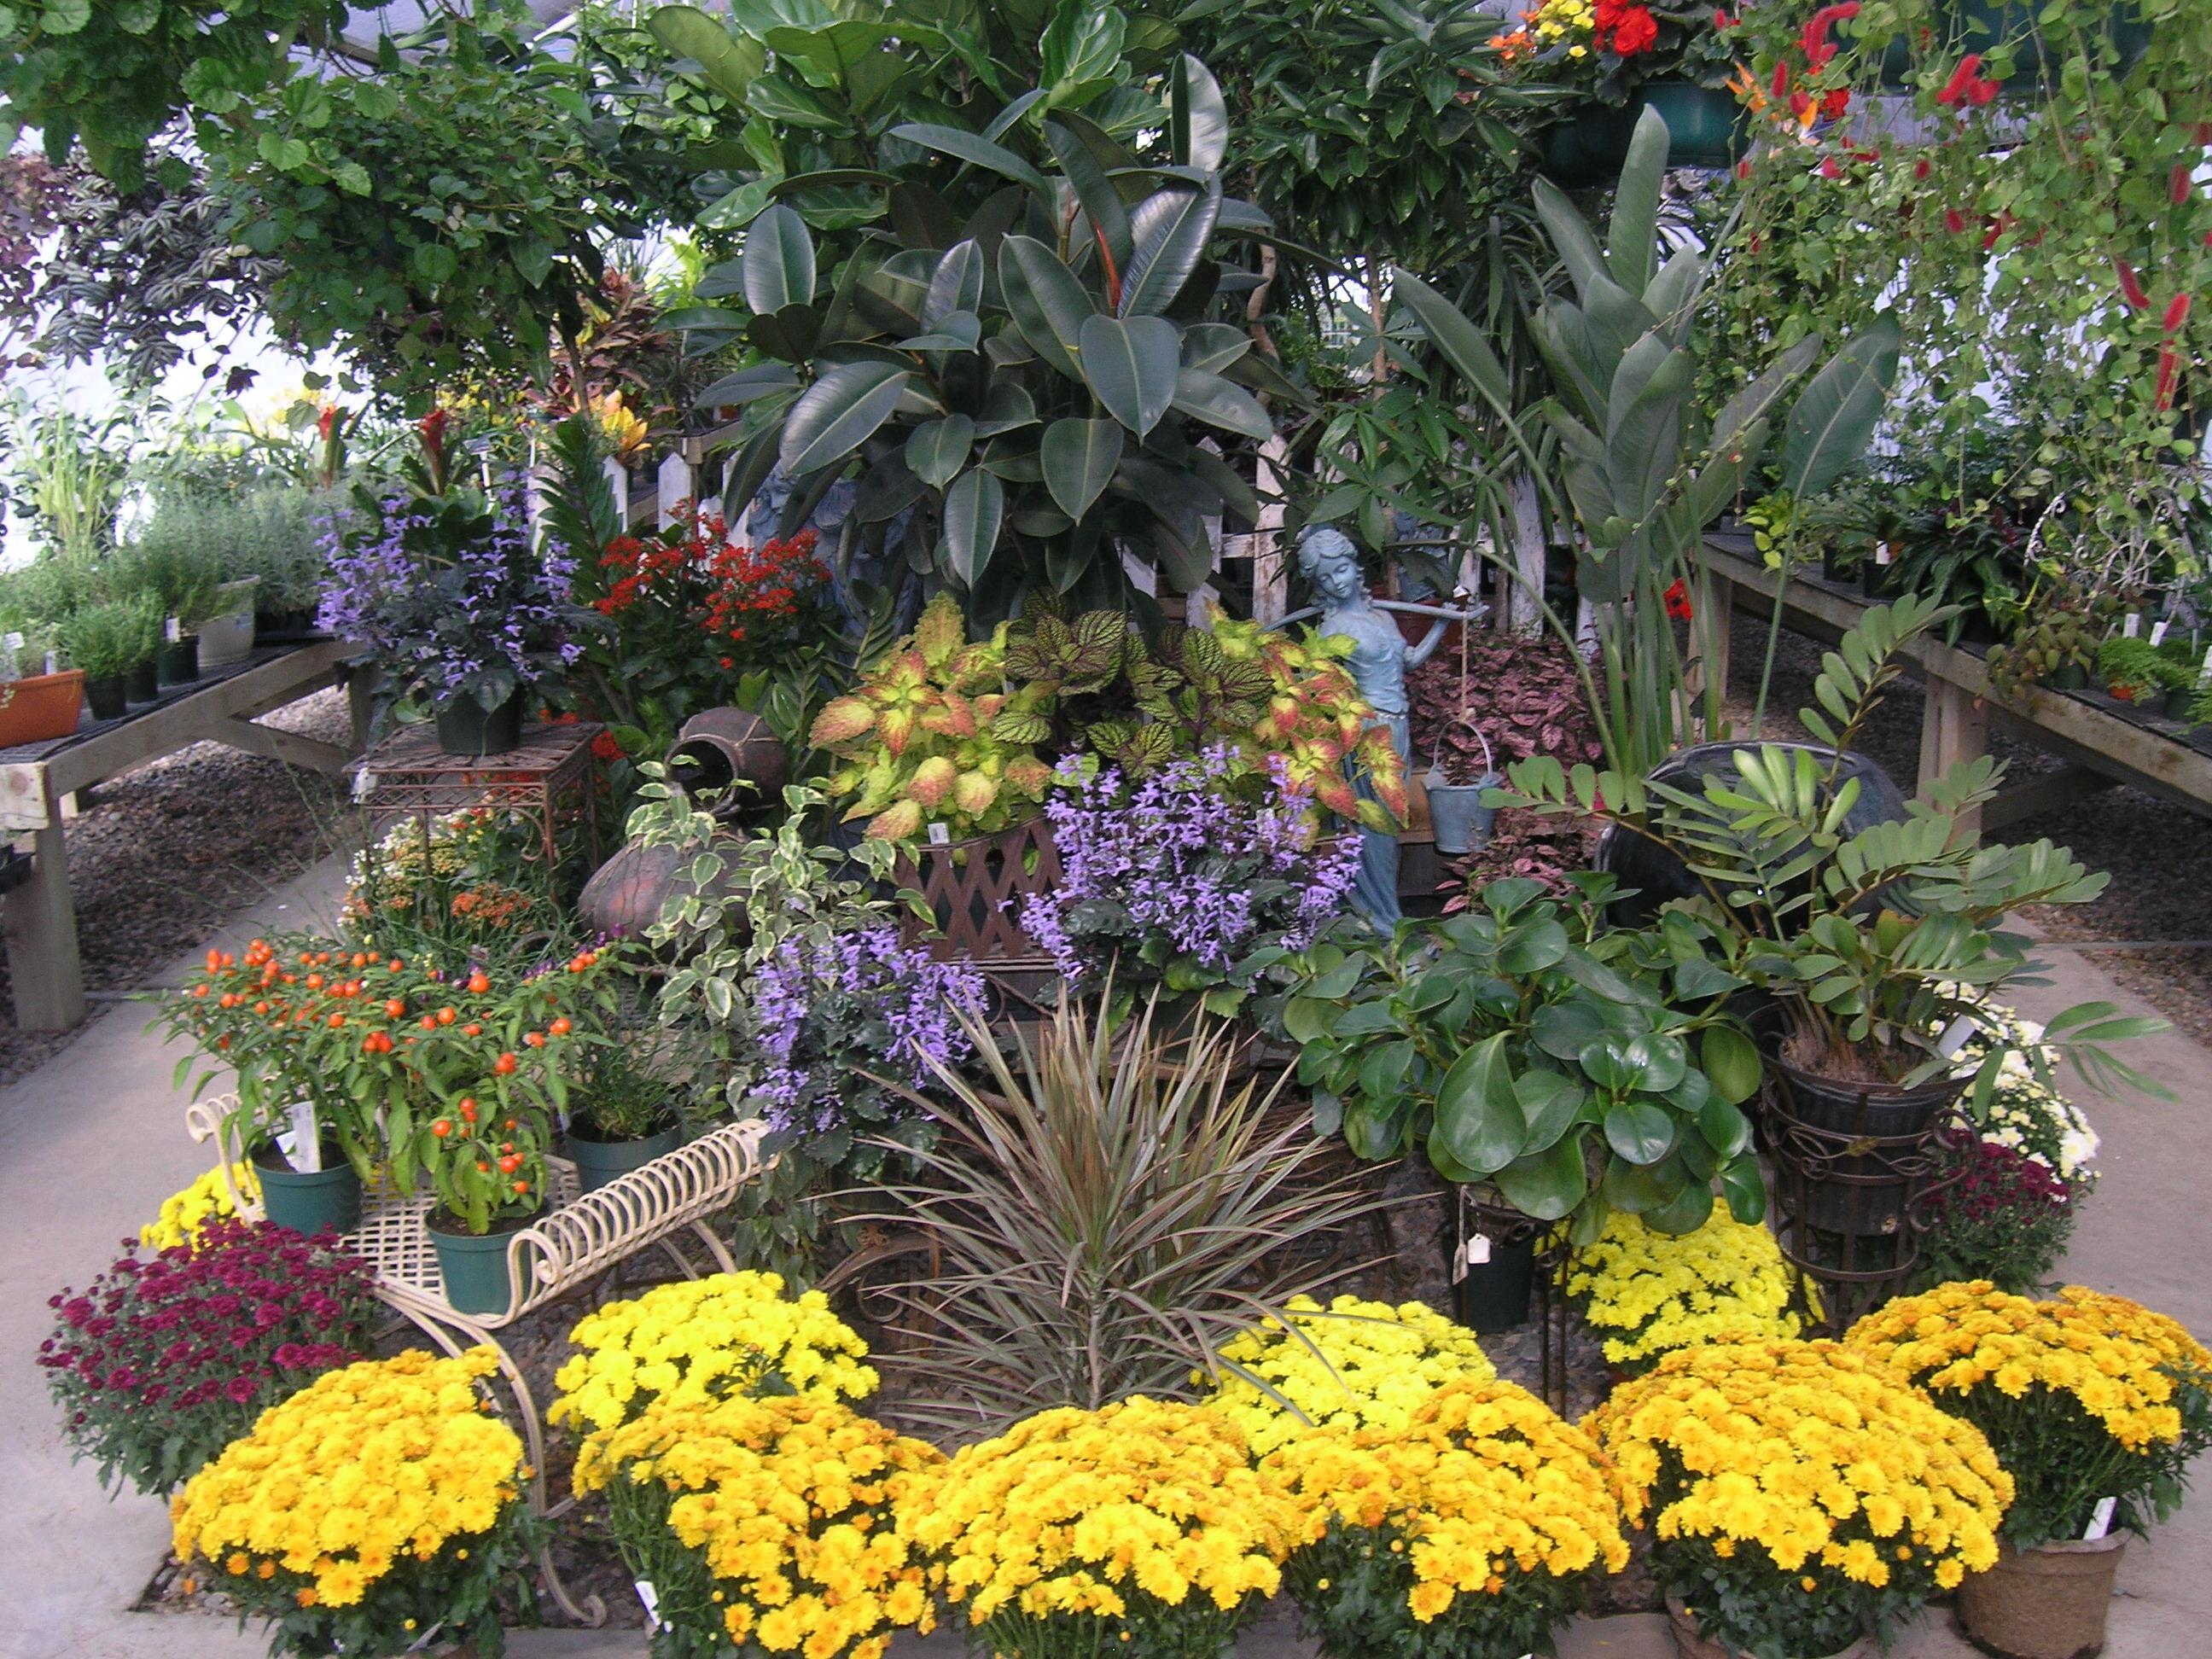 landscape garden center vail avon edwards the wildflower farm